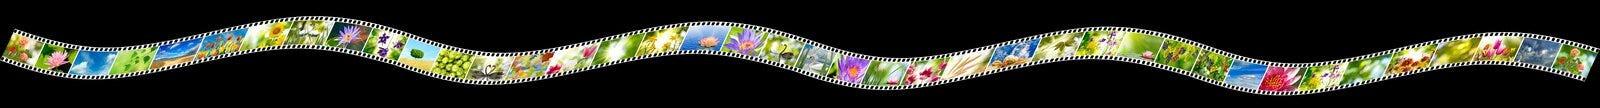 Photo de nature sur la bande de photo sur un fond noir Image libre de droits